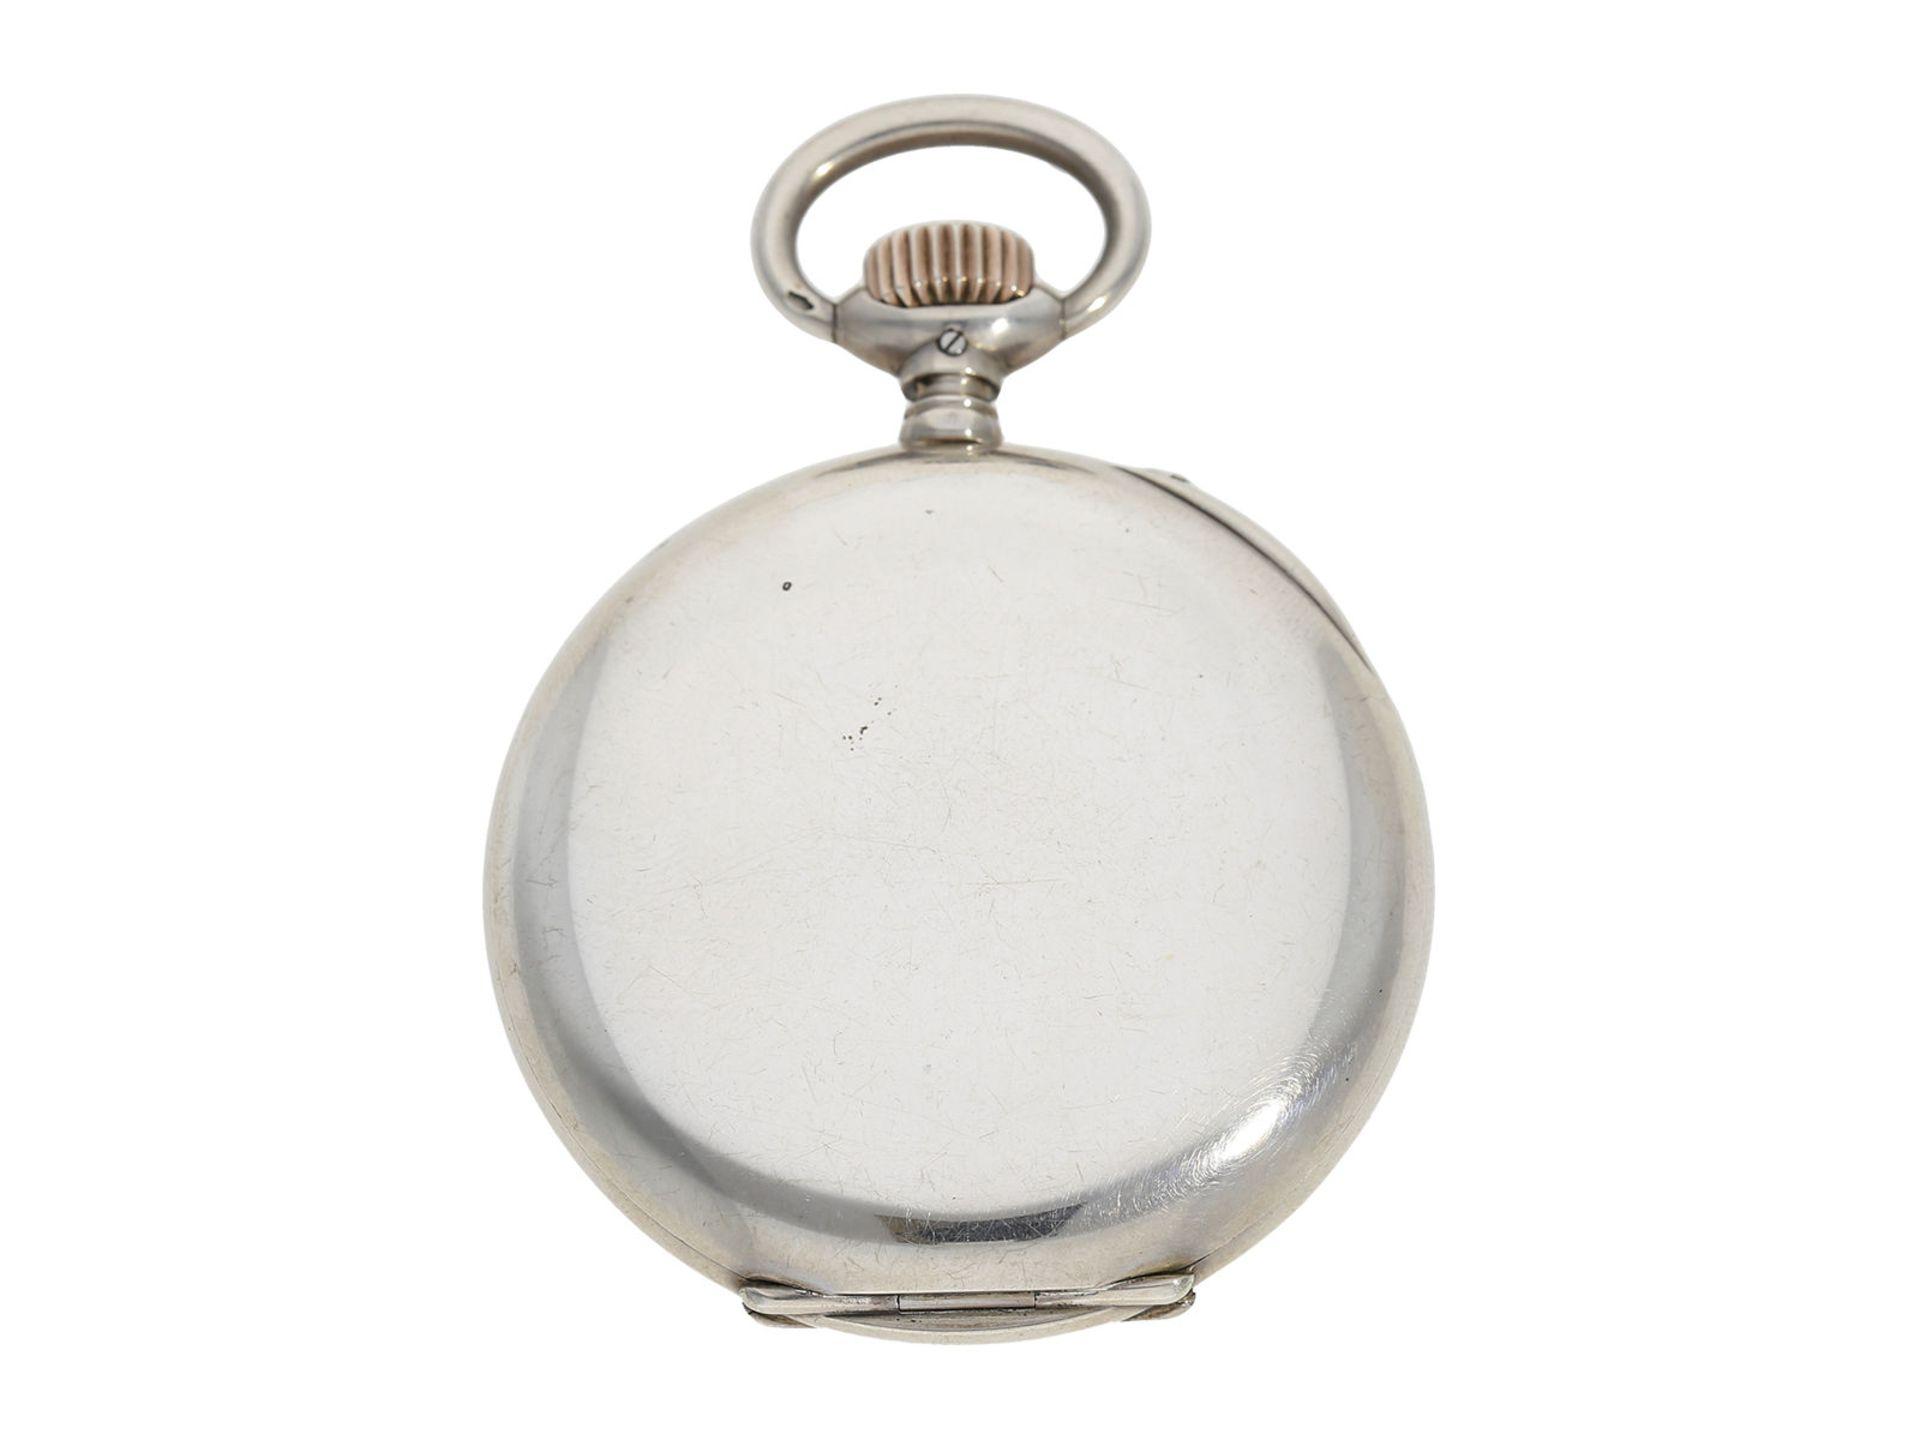 Pocket watch: IWC man's pocket watch with very rare 2-coloured dial, No.309843, Schaffhausen ca. - Bild 6 aus 6